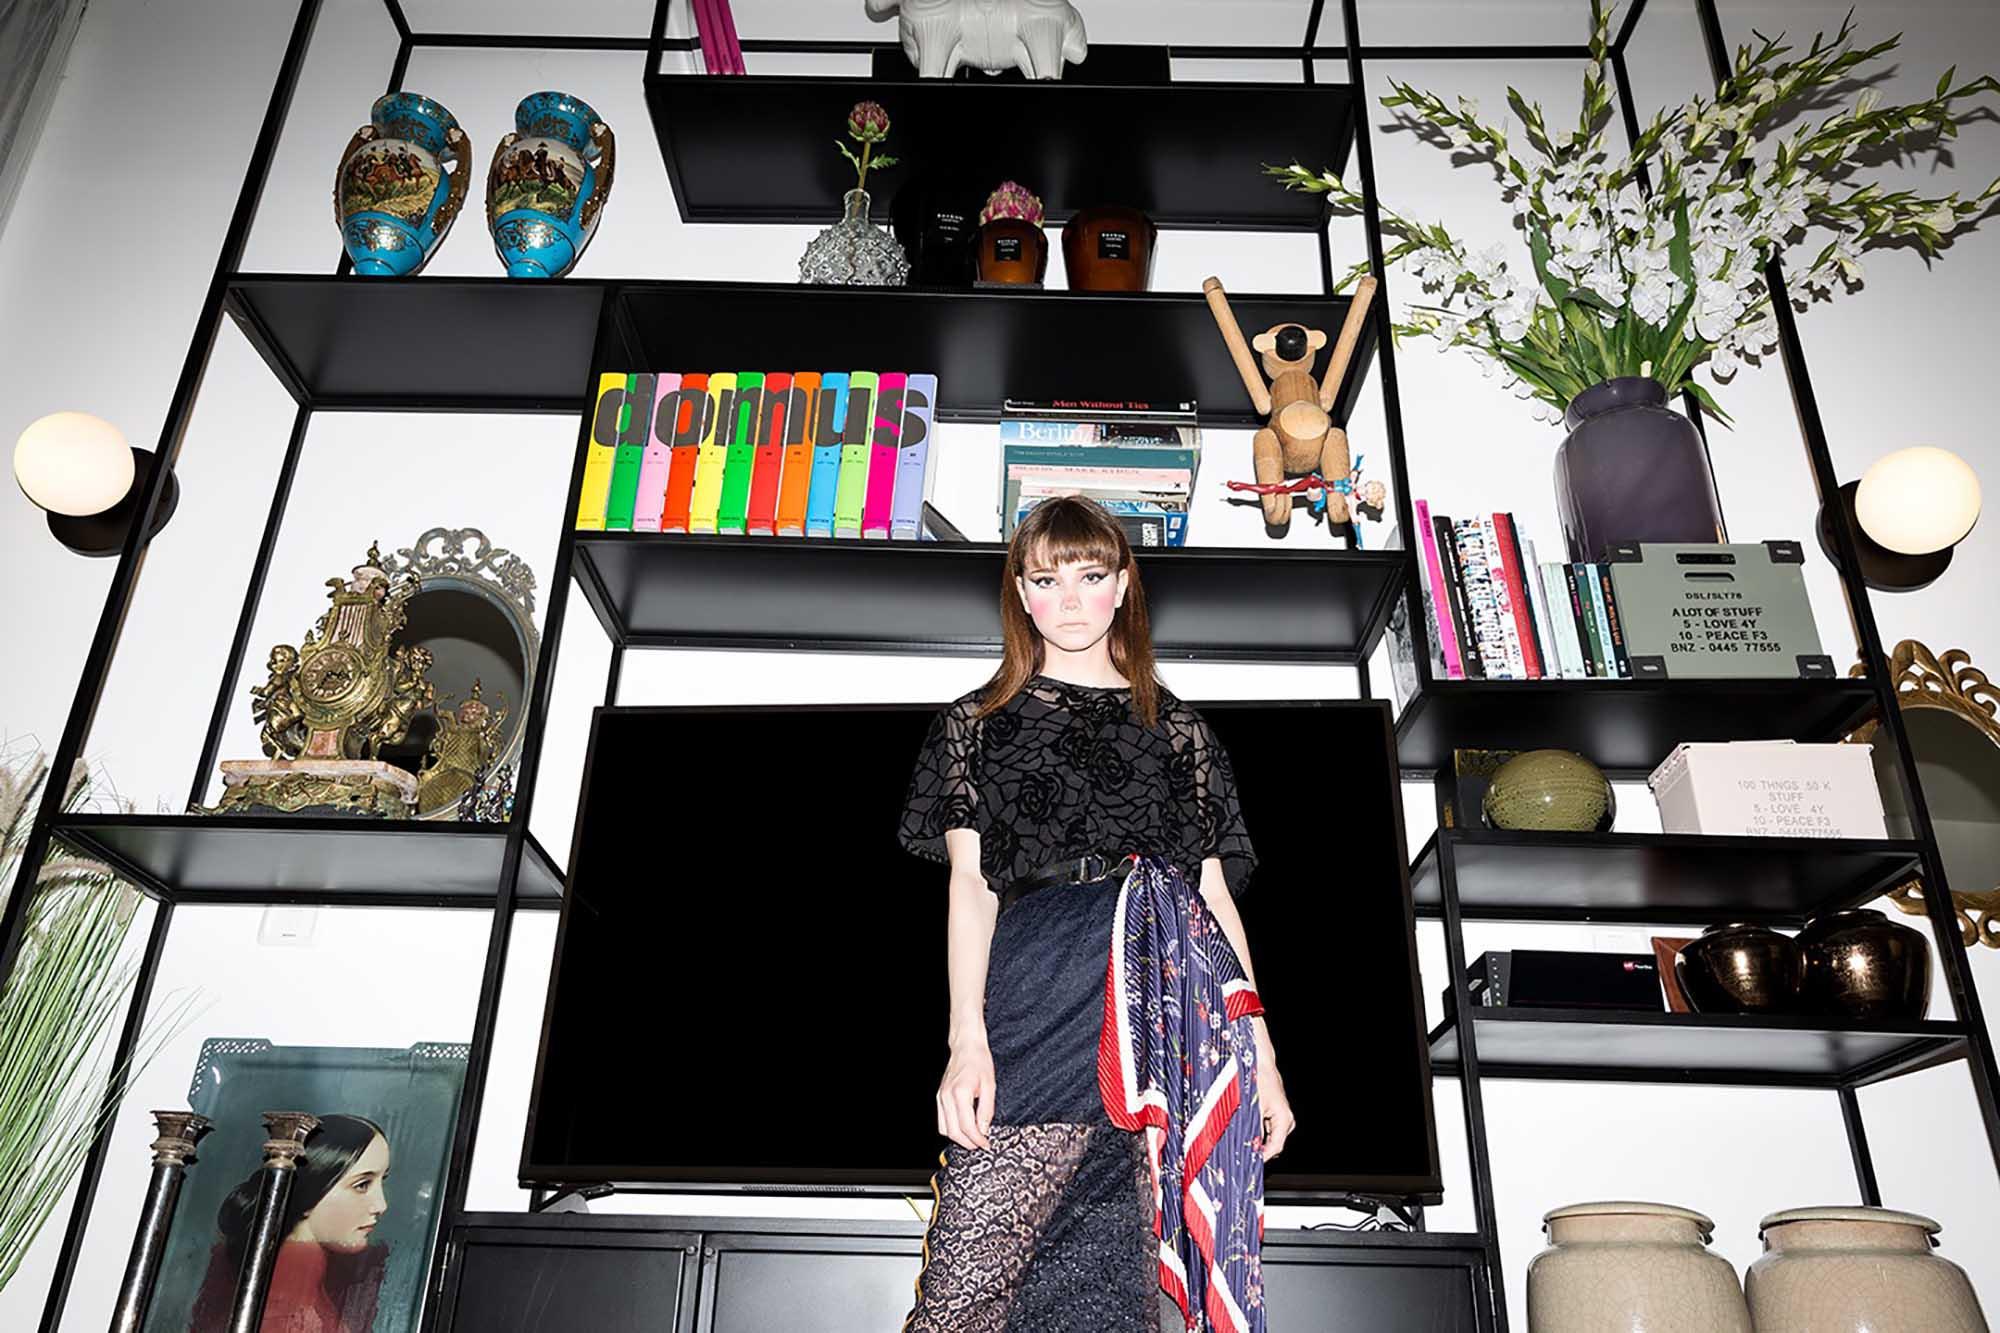 ירין שחף, הפקת אופנה, קרינה גרוזמן, שירה לכנר, מגזין אופנה -9